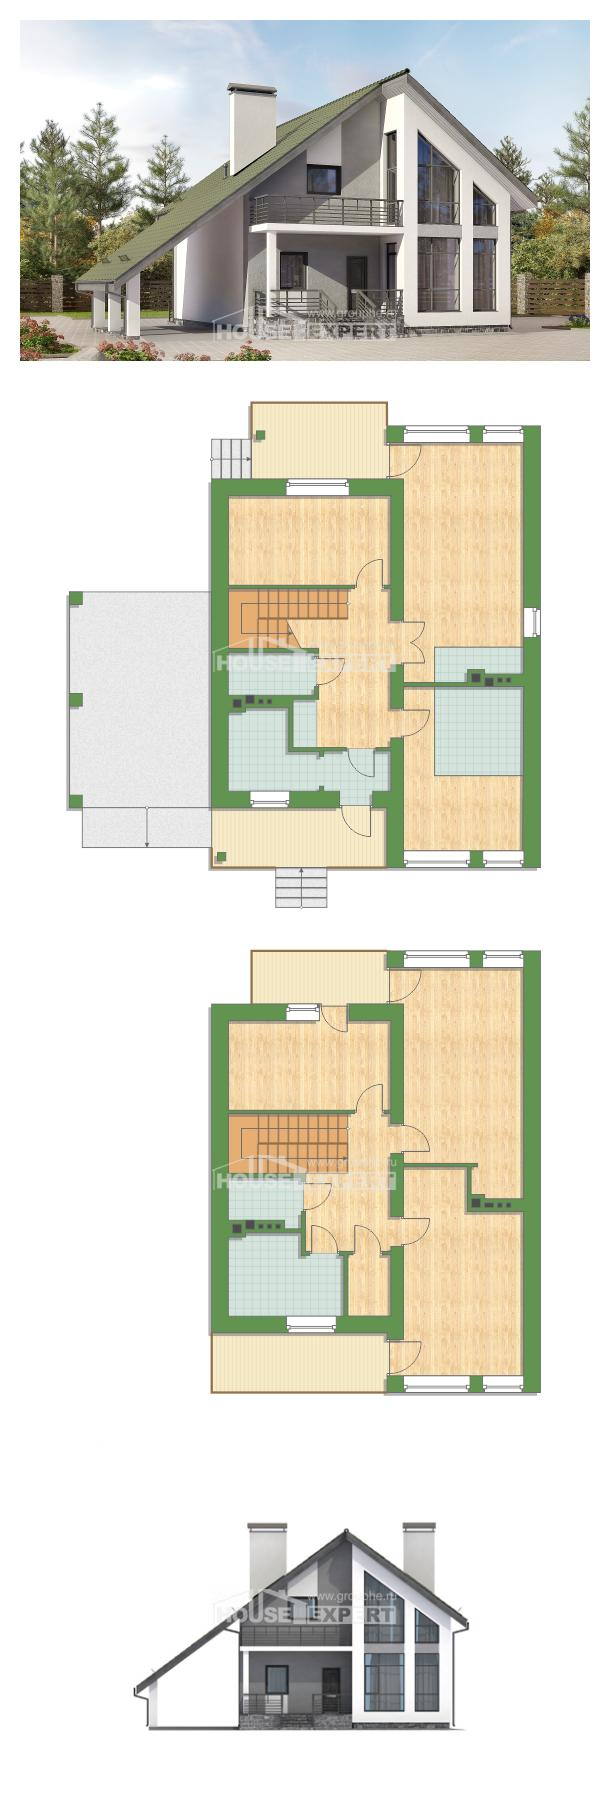 Plan 170-009-L | House Expert